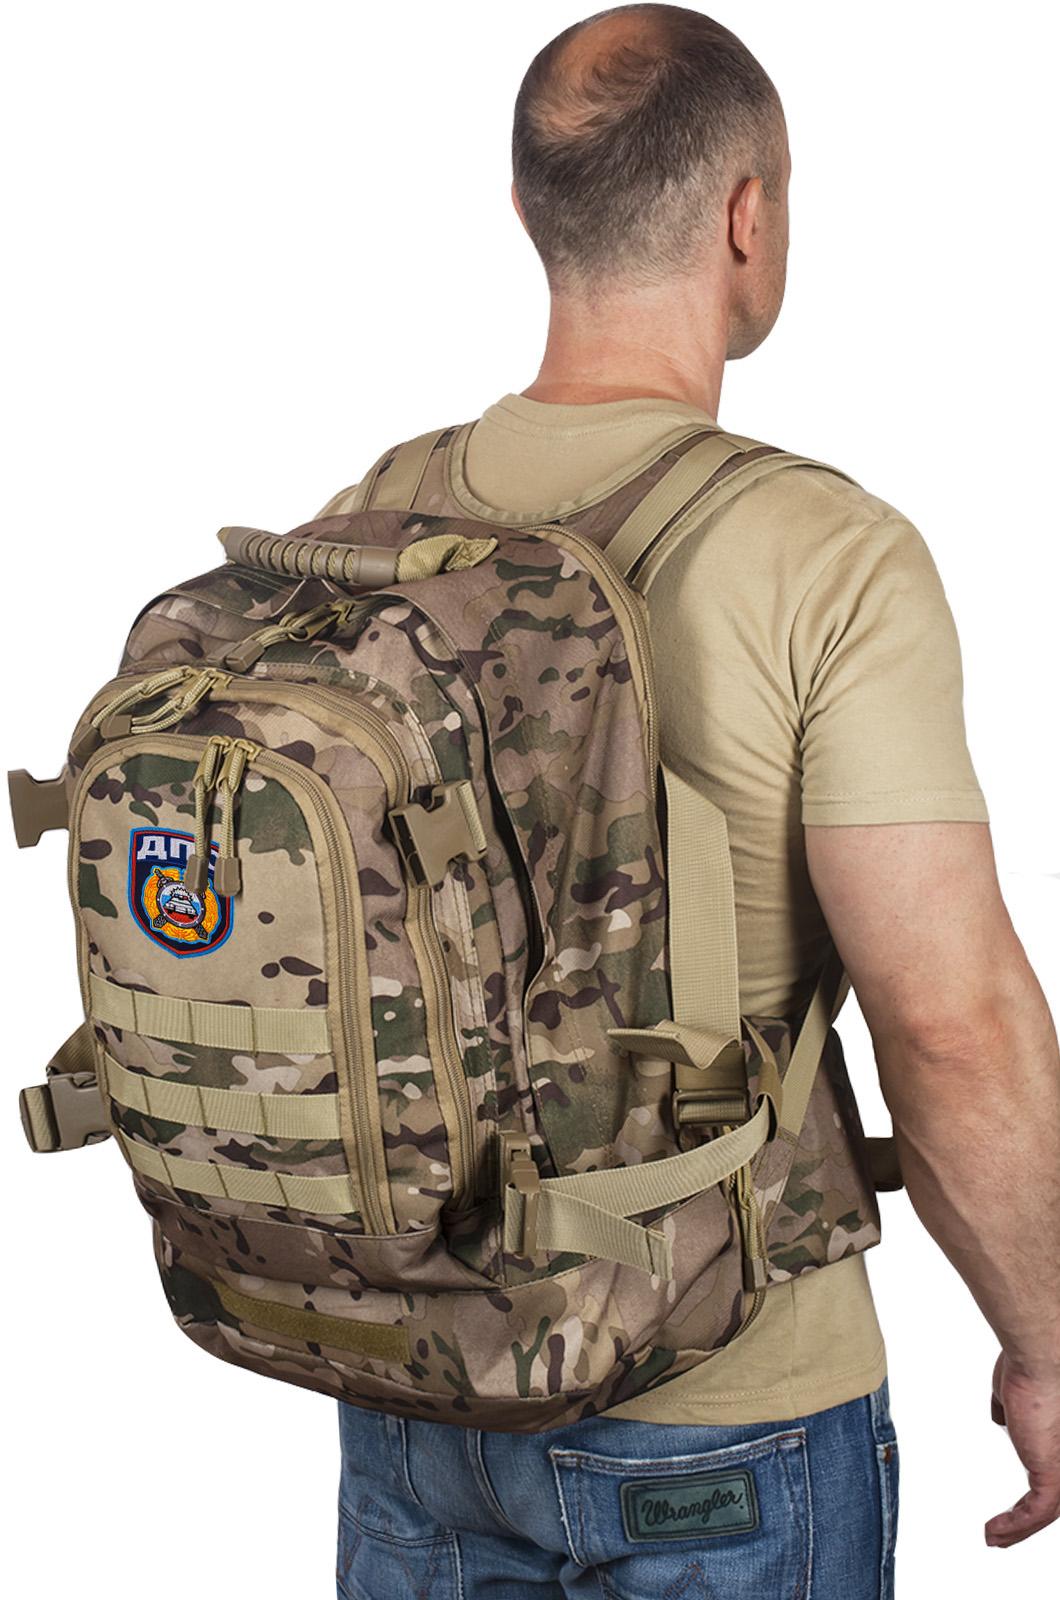 Военный эргономичный рюкзак с нашивкой ДПС - купить оптом